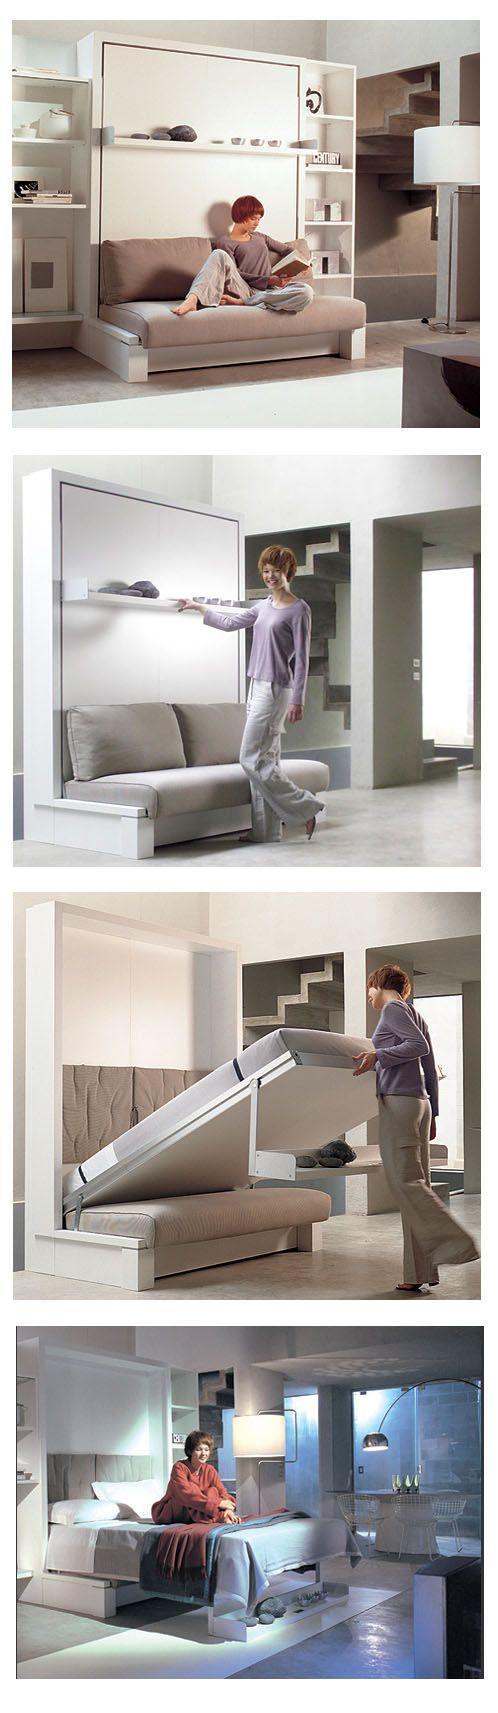 Kệ tủ kết hợp bàn làm việc, gường ngủ